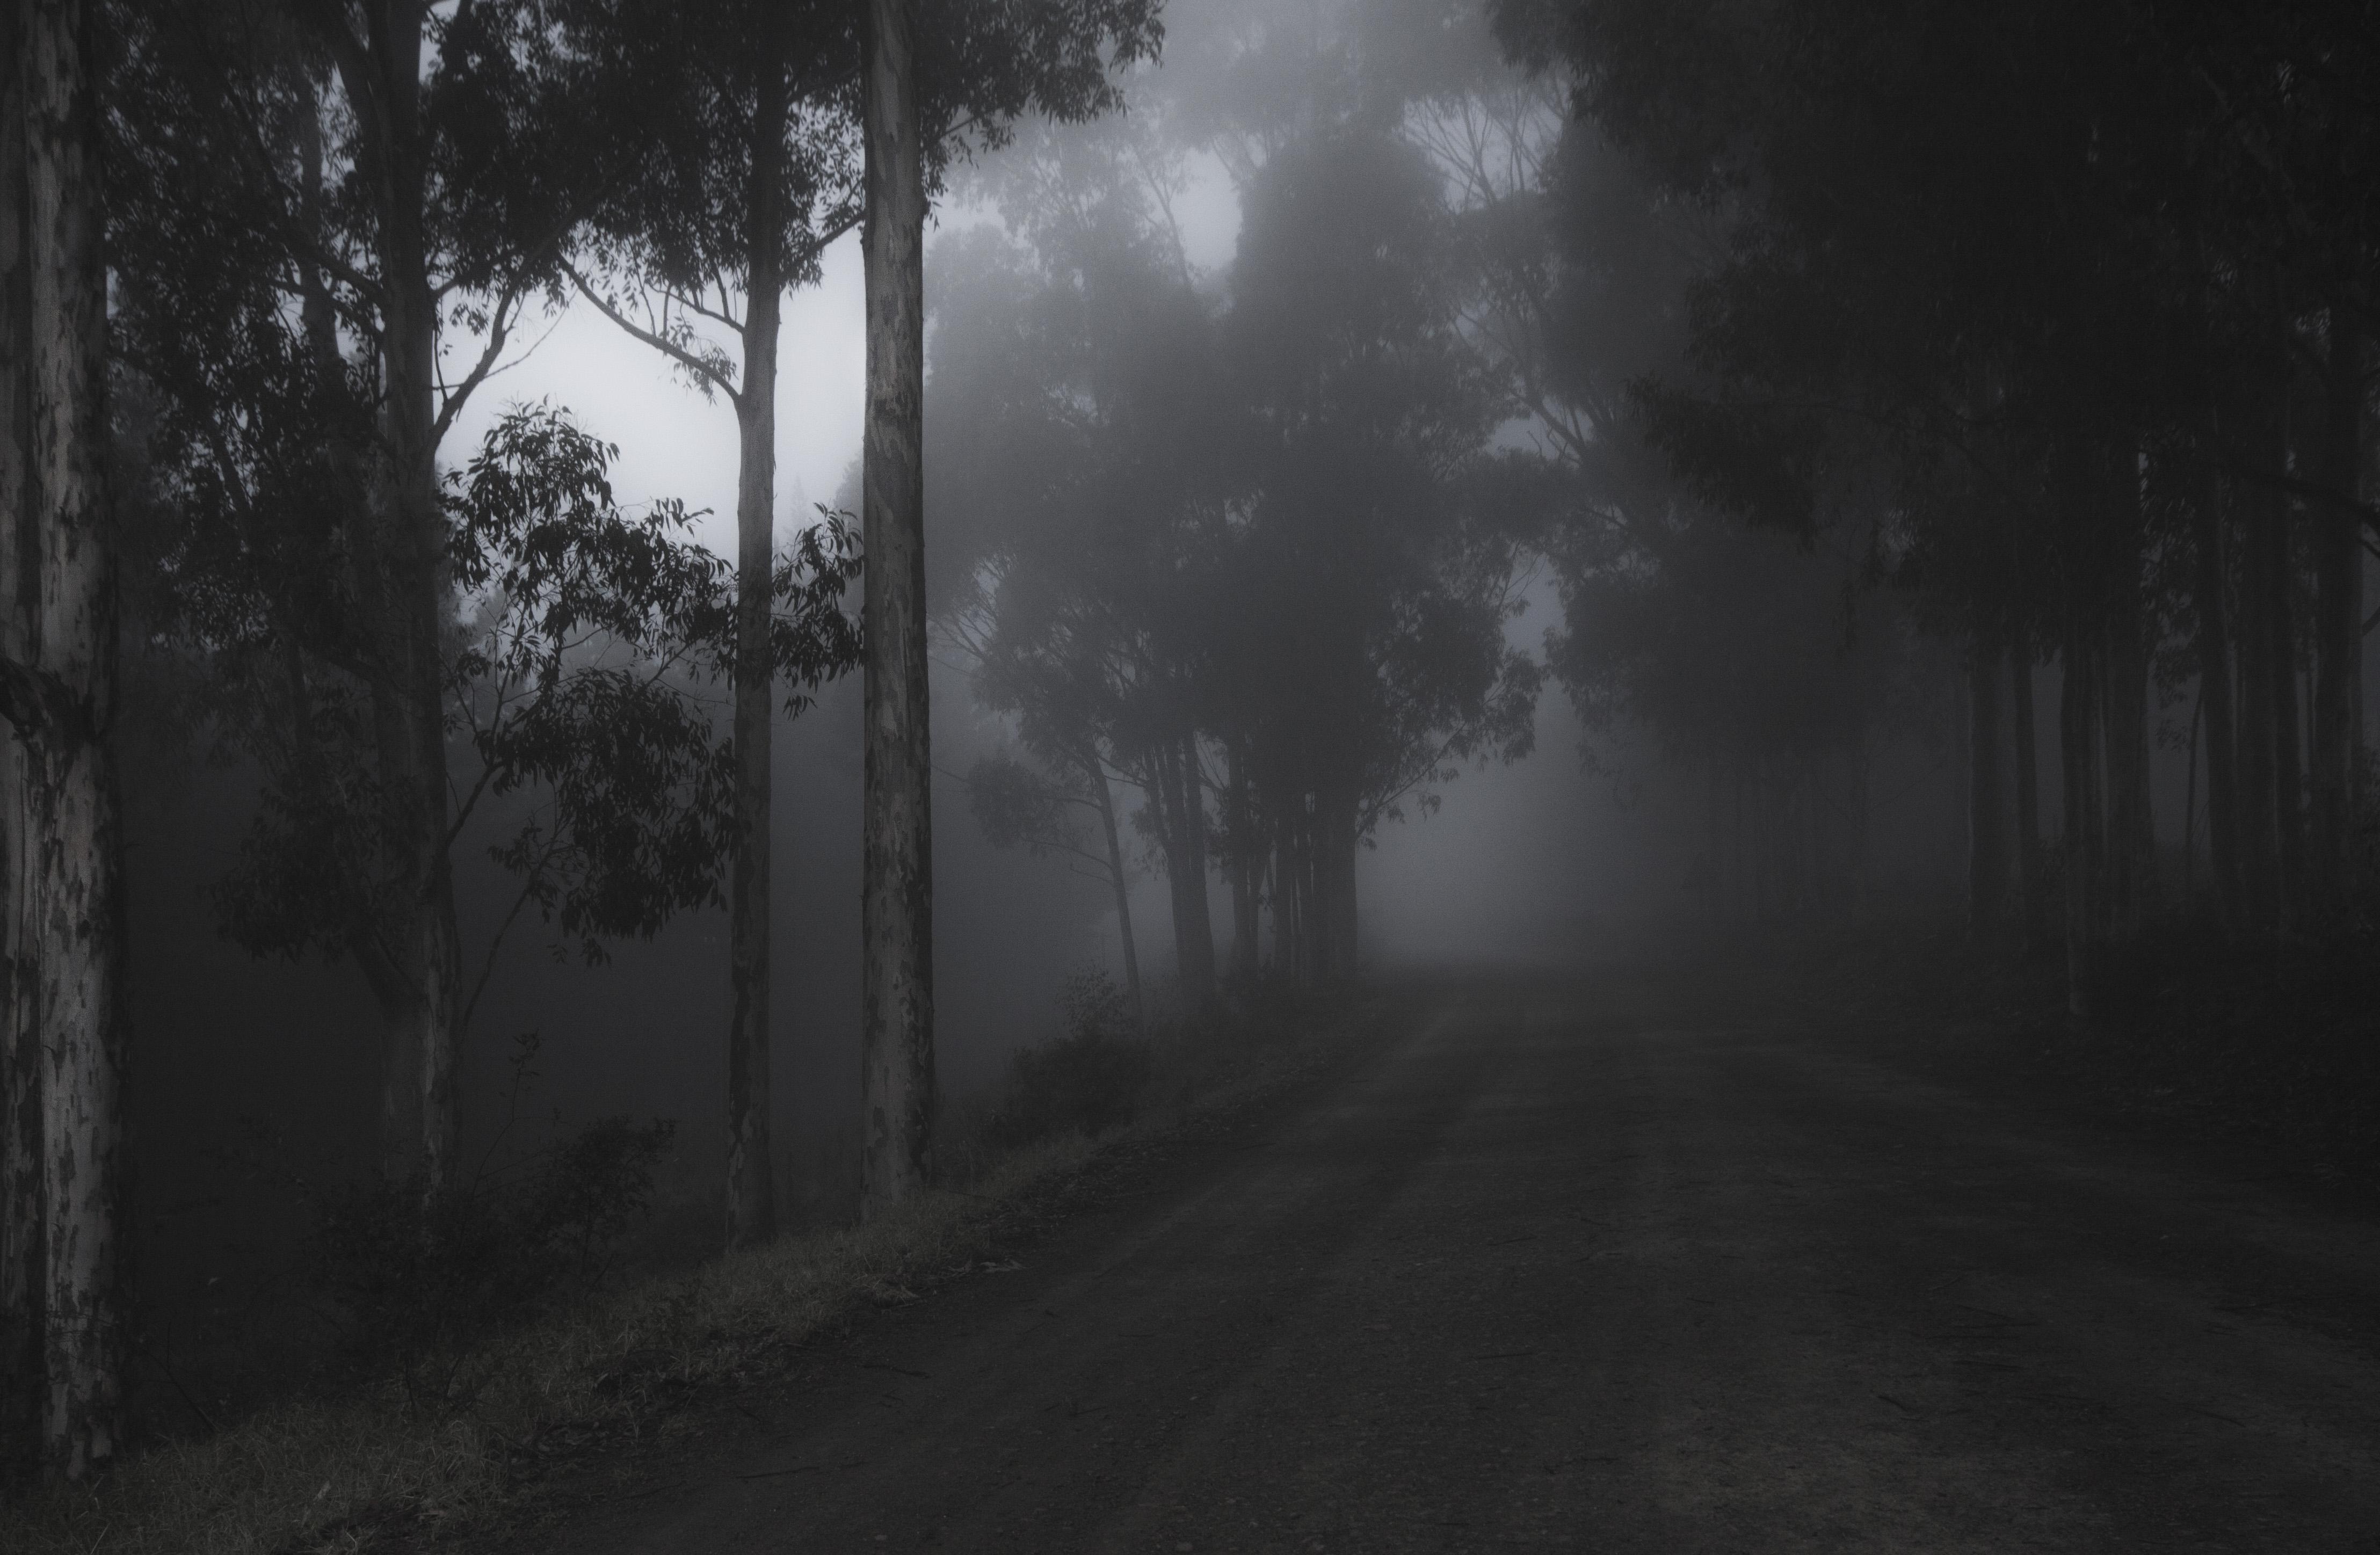 fog-trees